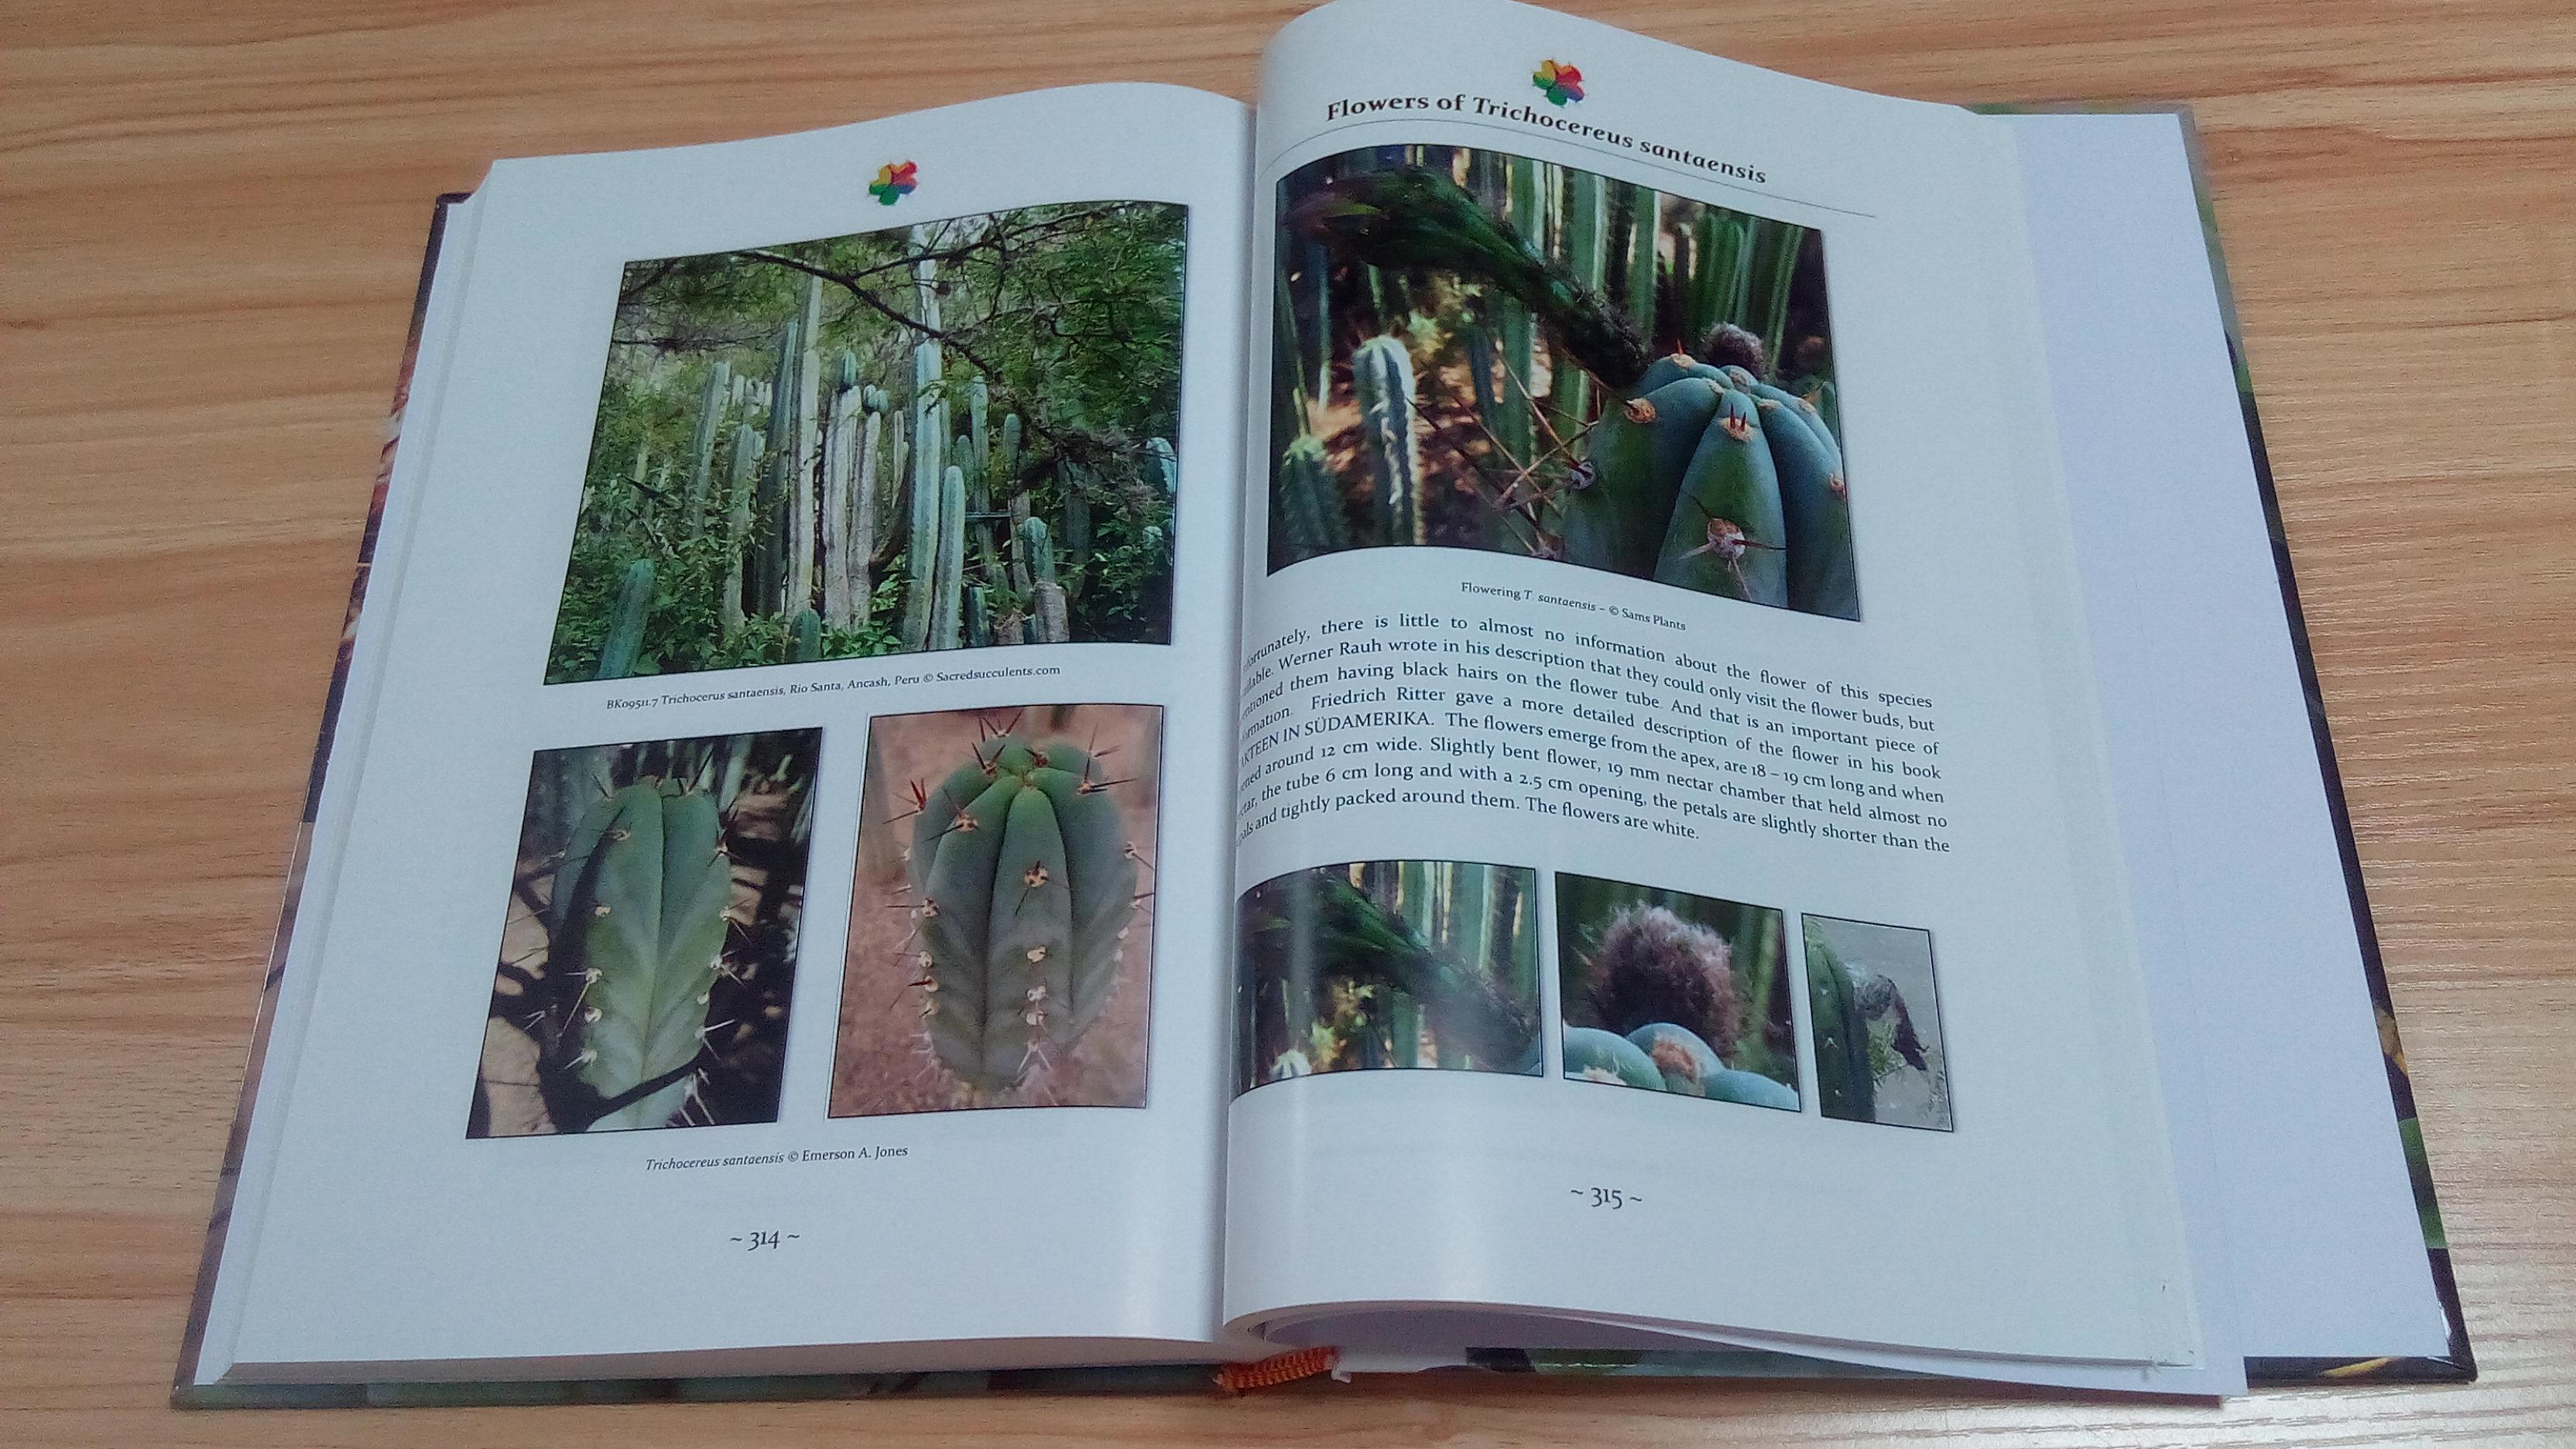 Trichocereus book Volume 1 Echinopsis cactus book 7